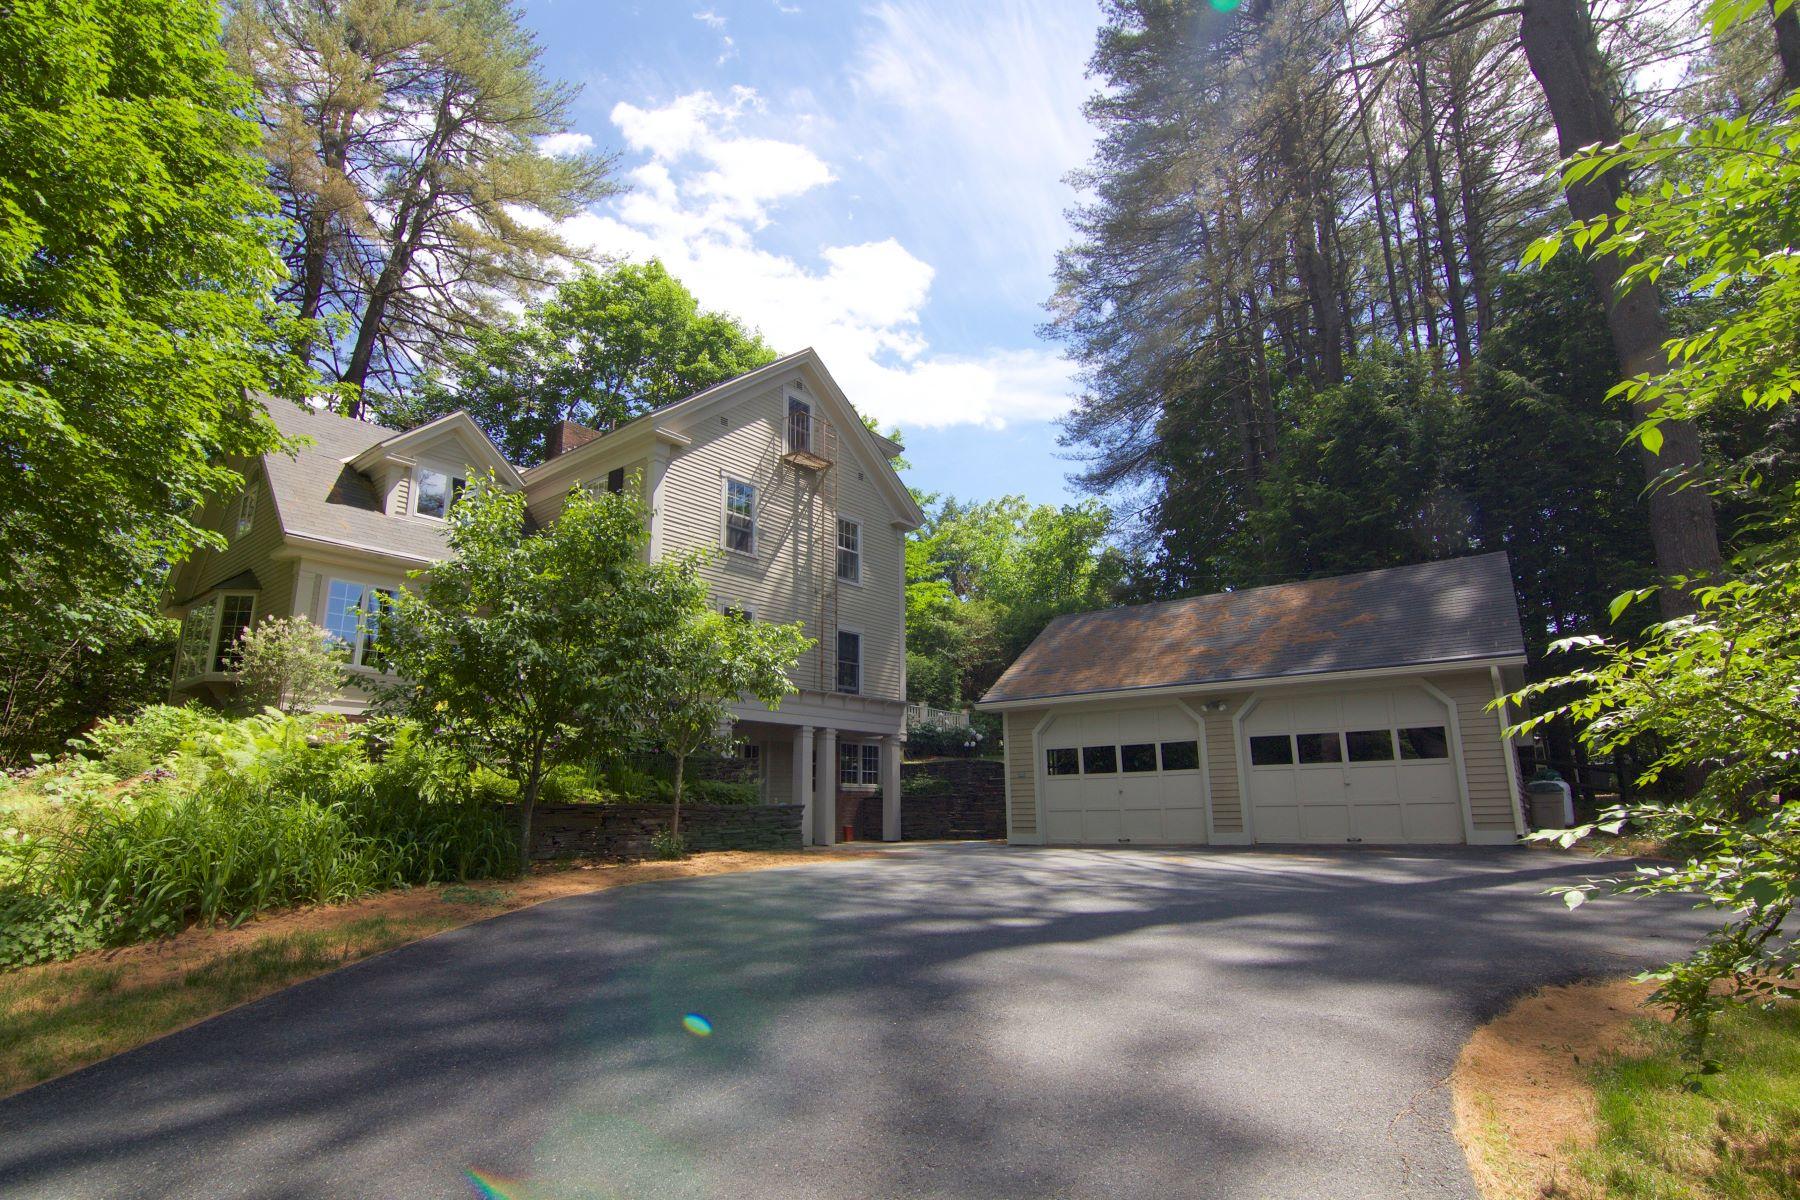 Tek Ailelik Ev için Satış at 20 Valley Road Rd, Hanover Hanover, New Hampshire, 03755 Amerika Birleşik Devletleri